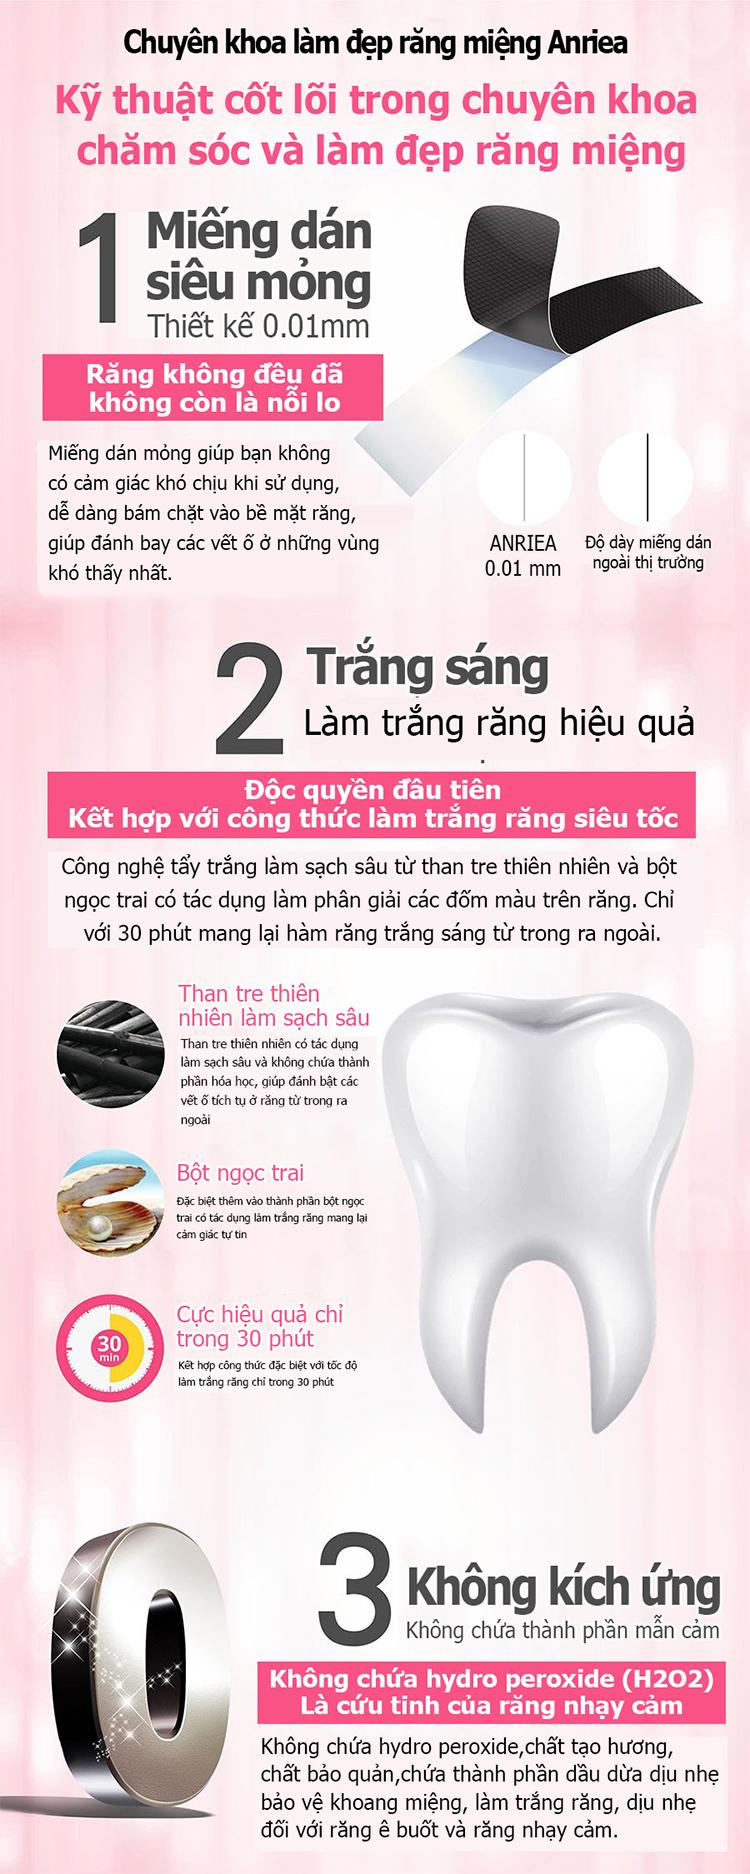 [Liệu Tình 10 Ngày Tặng 1 Miếng Dán Lẻ]  Miếng Dán Trắng Răng Anriea Black Tooth Whitening - 30 Minutes Express